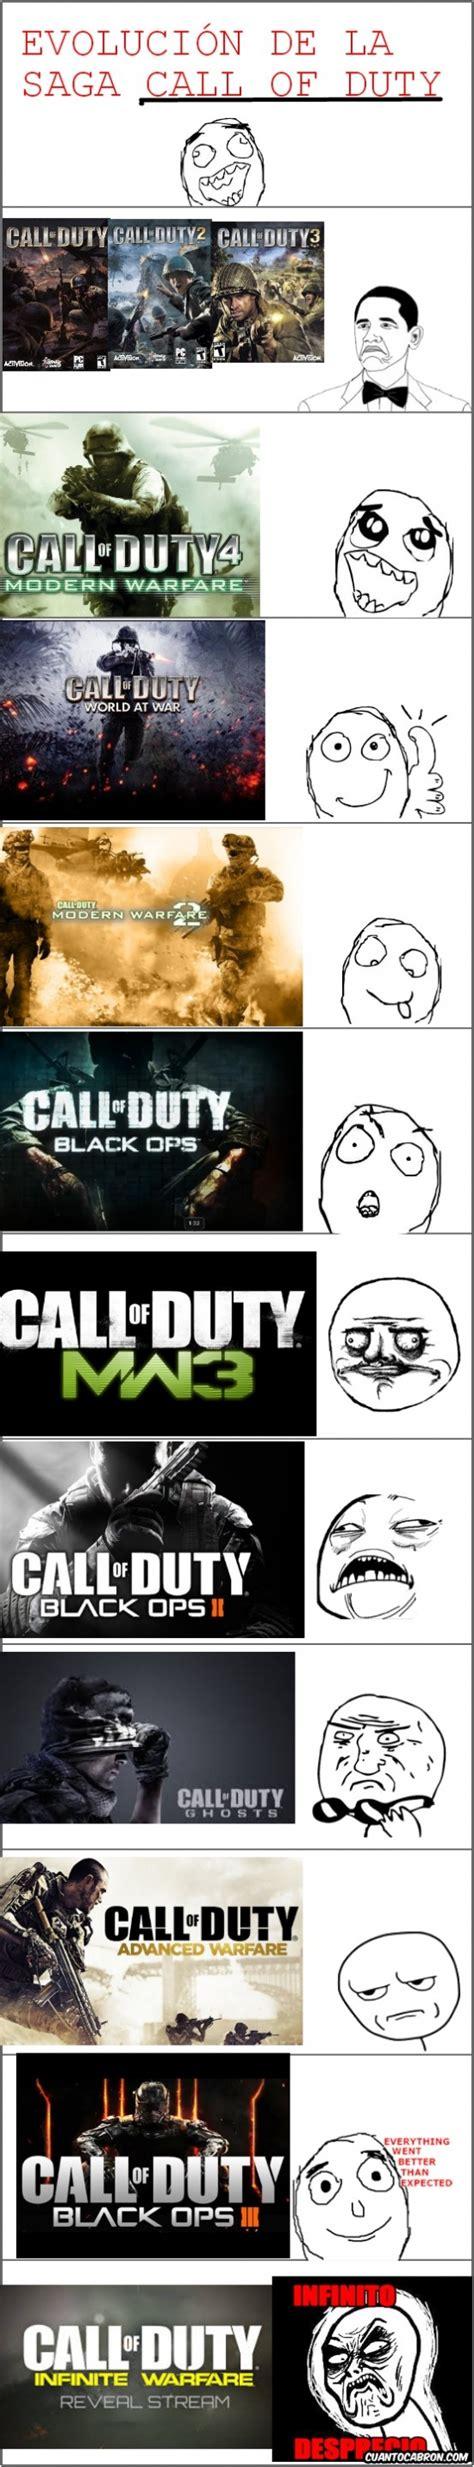 imagenes de memes zombies cu 225 nto cabr 243 n evoluci 243 n de la saga call of duty con memes